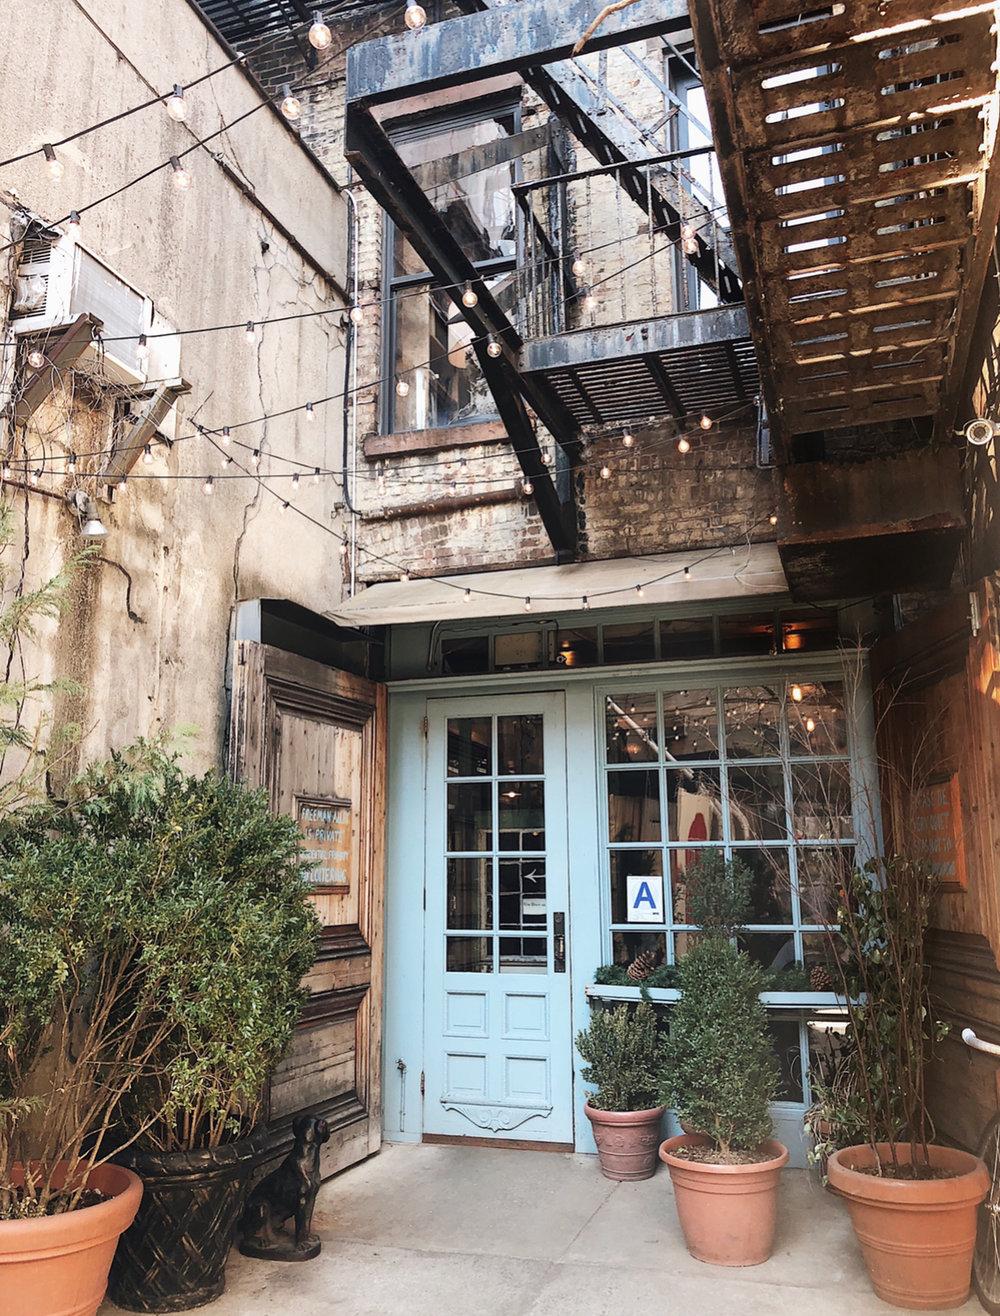 Freemans-Restaurant-NYC-blue-door-alley